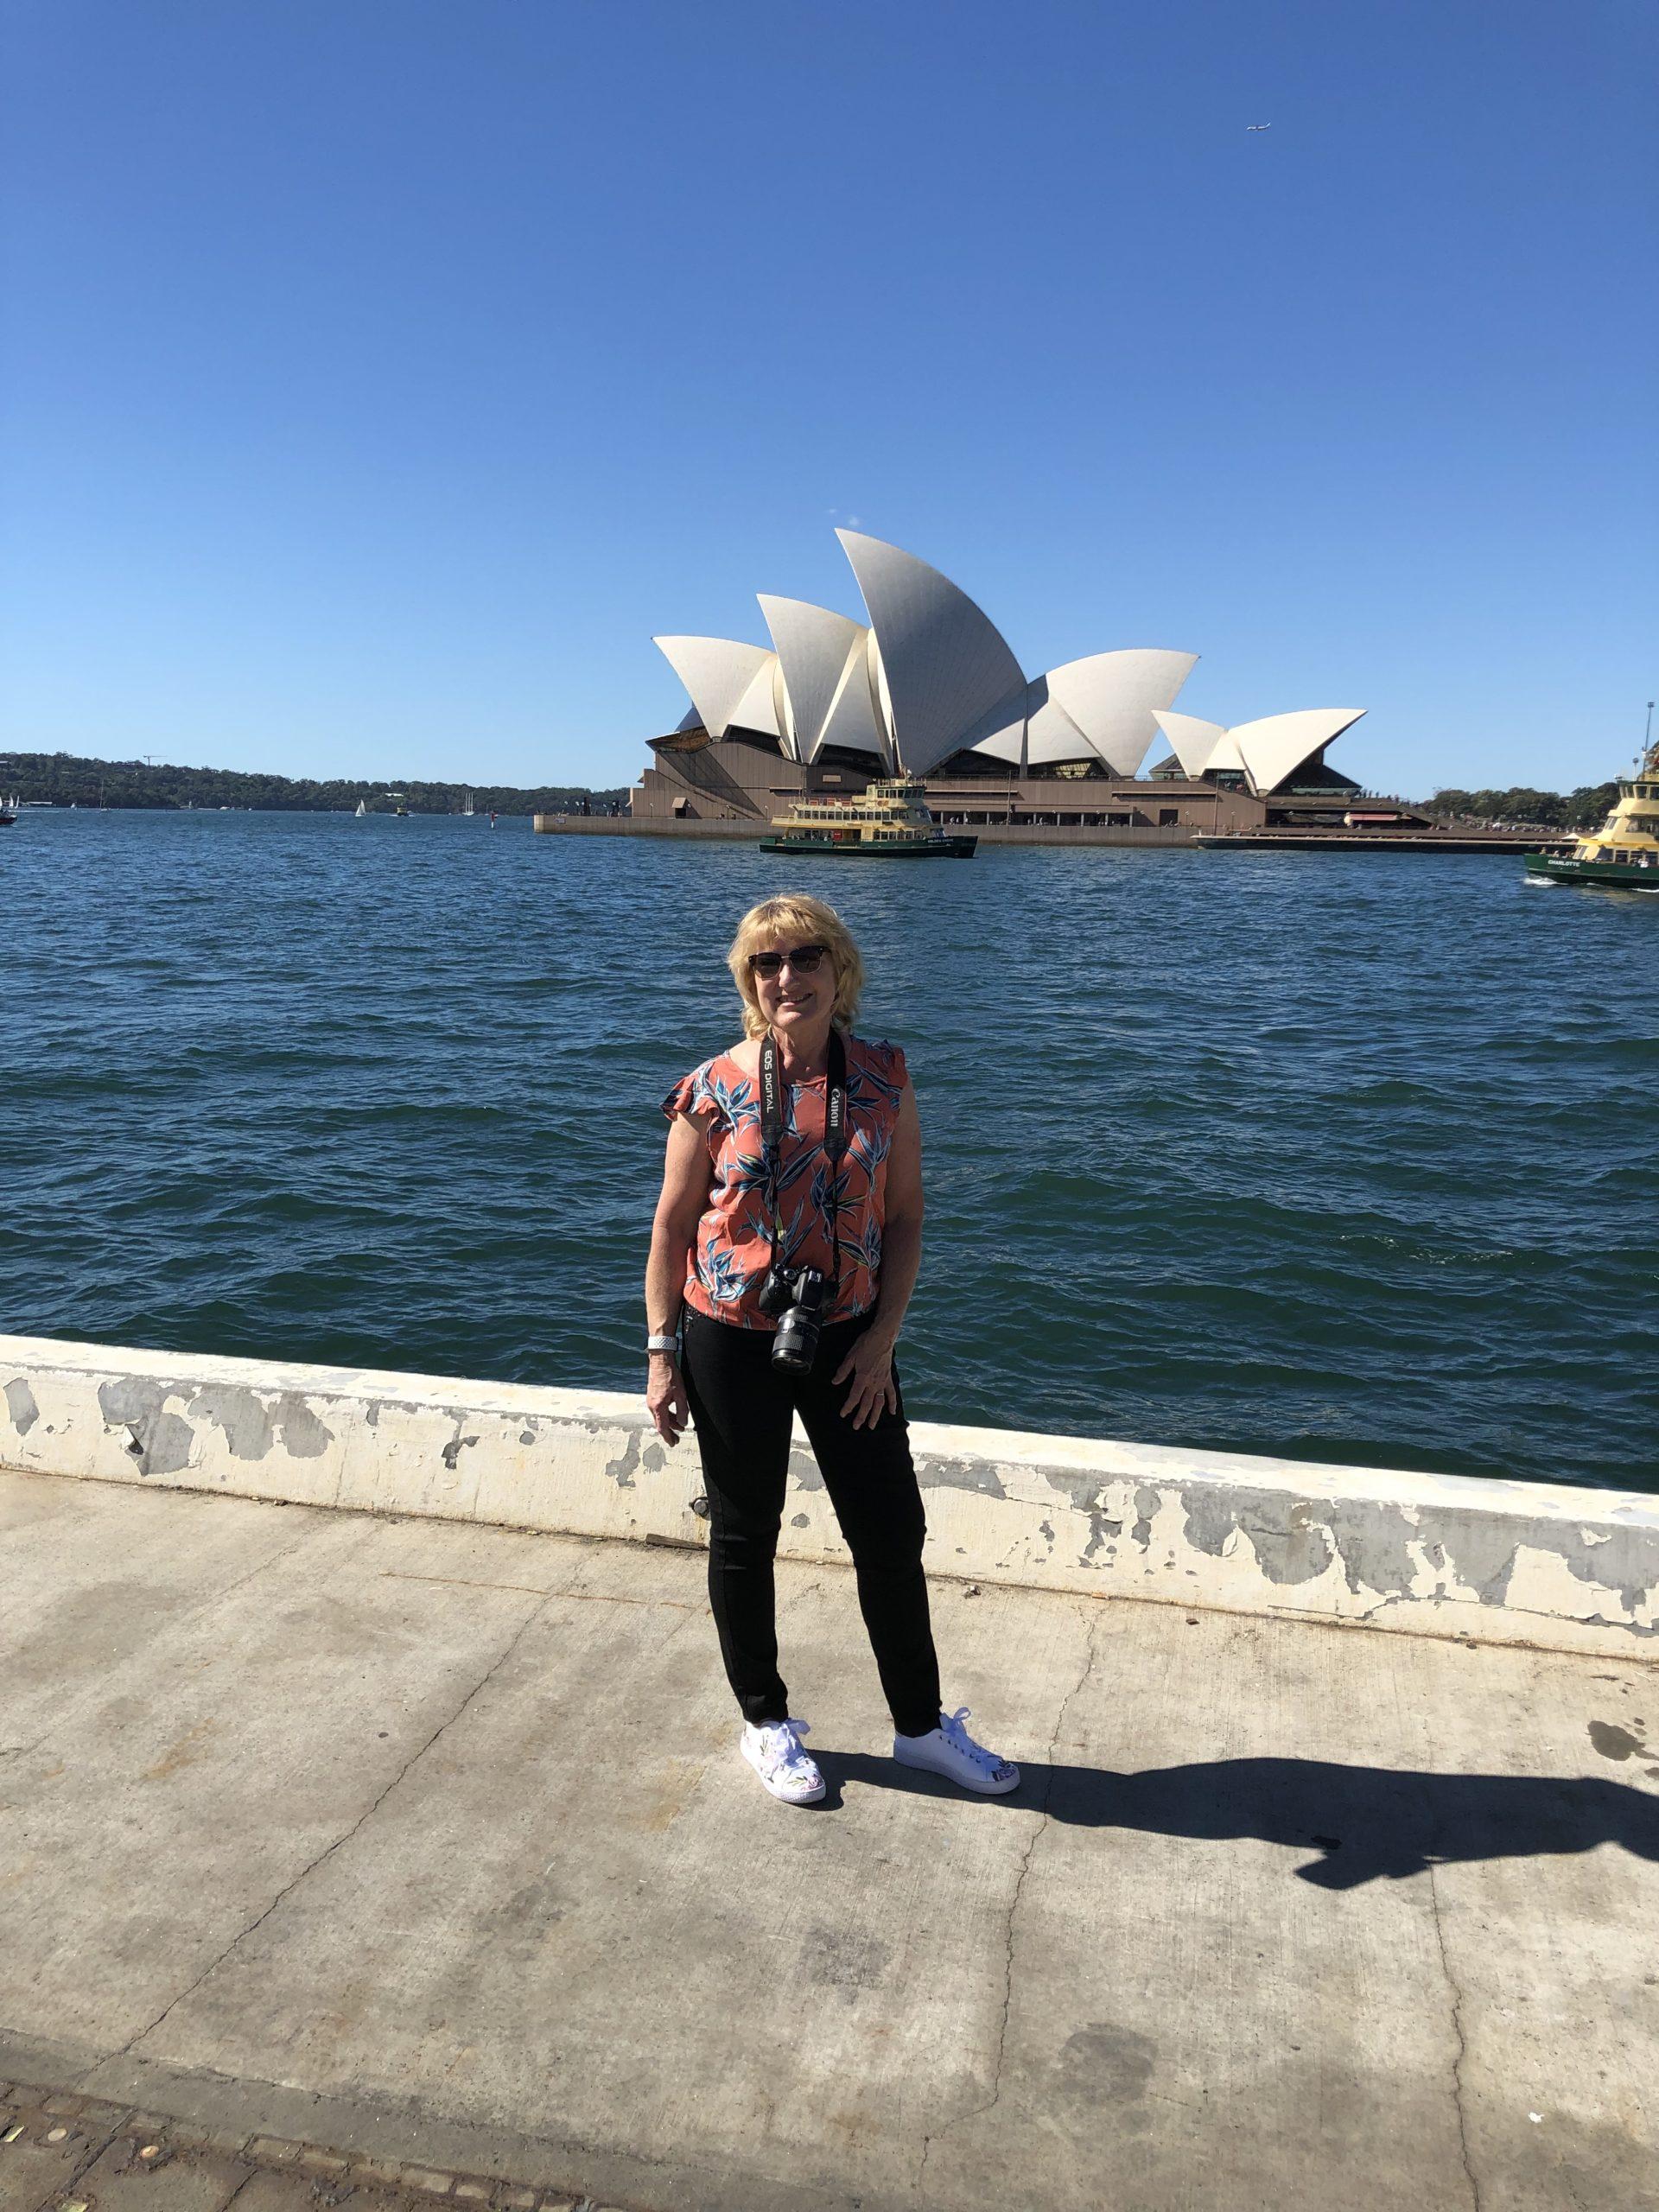 Mein Bild der Woche 21 - Vorgeschmack auf Sydney, Sydney Opera House